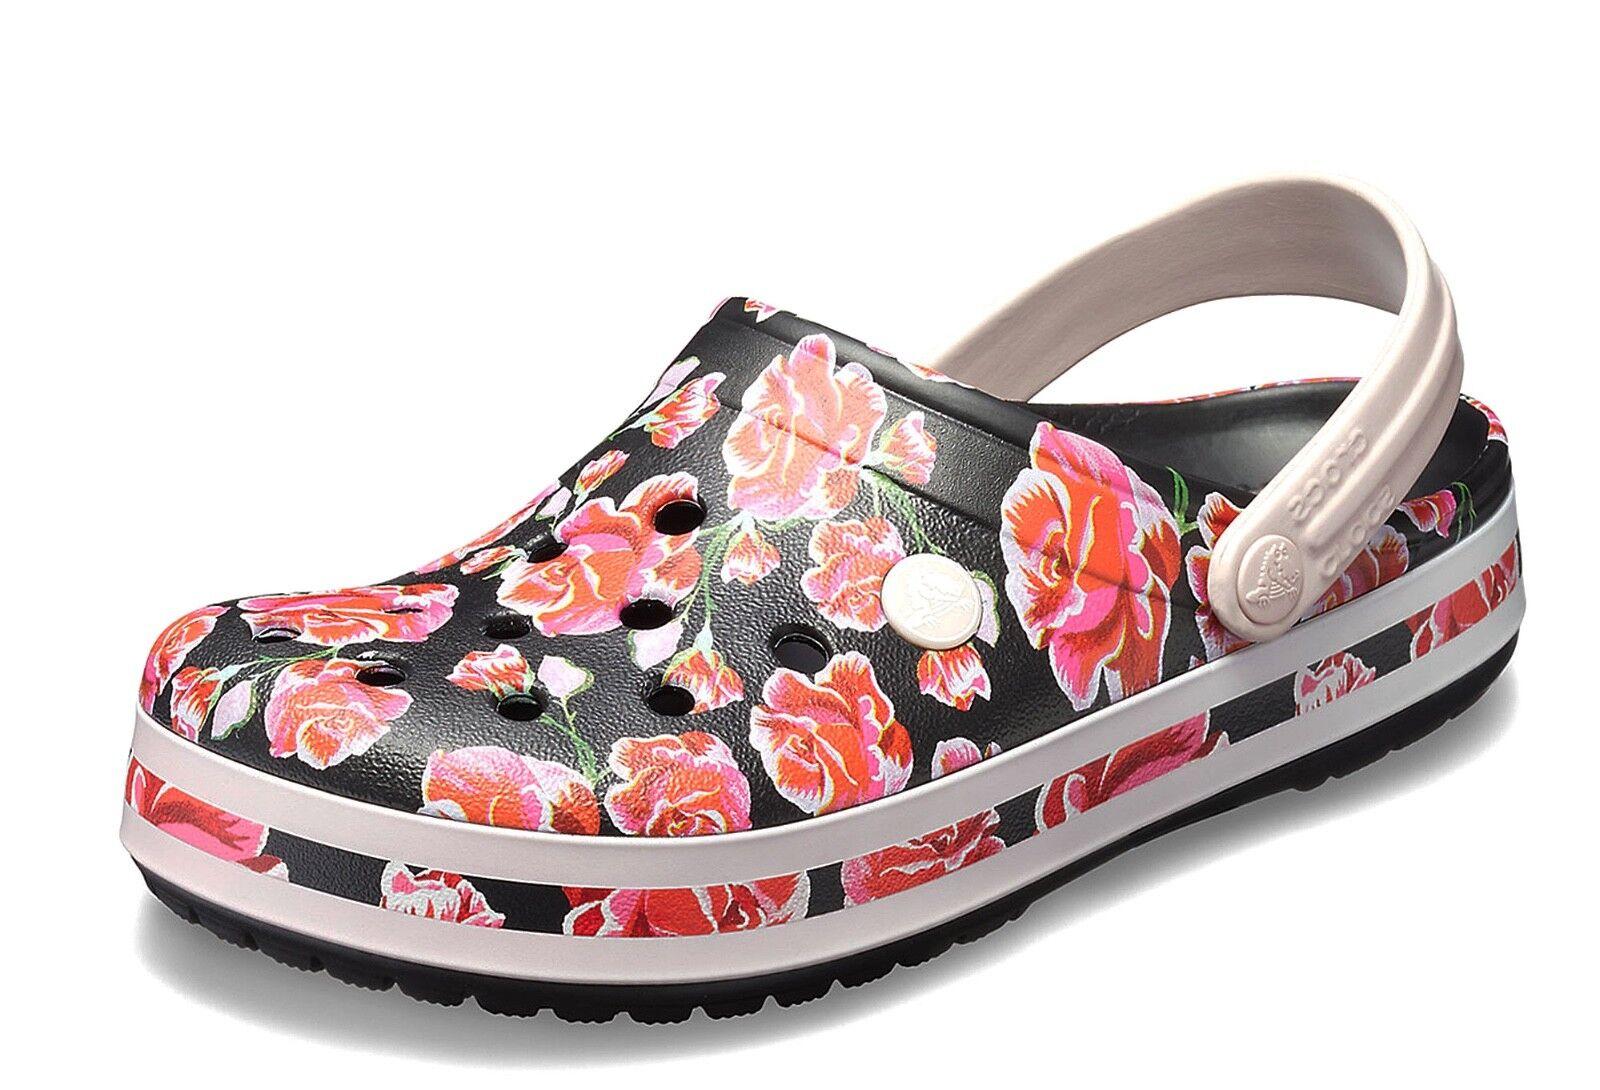 Crocs NEW Crocband Graphic III comfort clog schwarz pink floral comfort III schuhe UK Größe 3-9 75c921